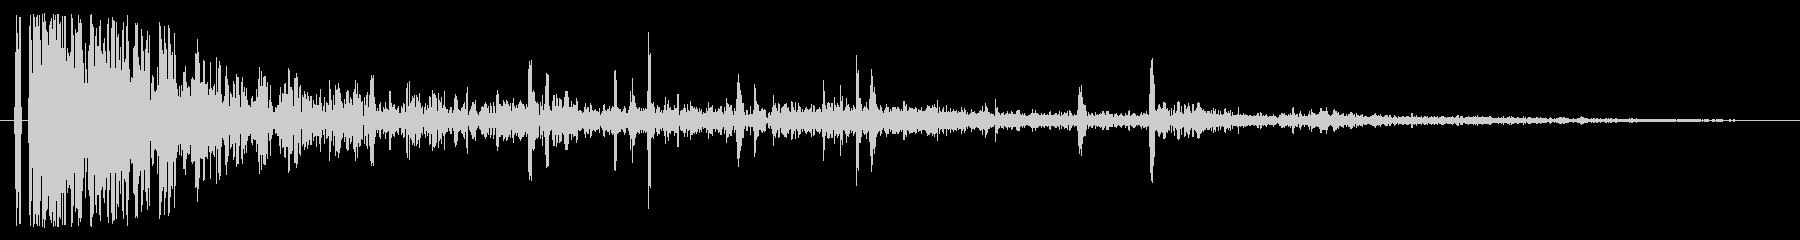 ドンパァ〜!本当にリアルな花火の効果音2の未再生の波形